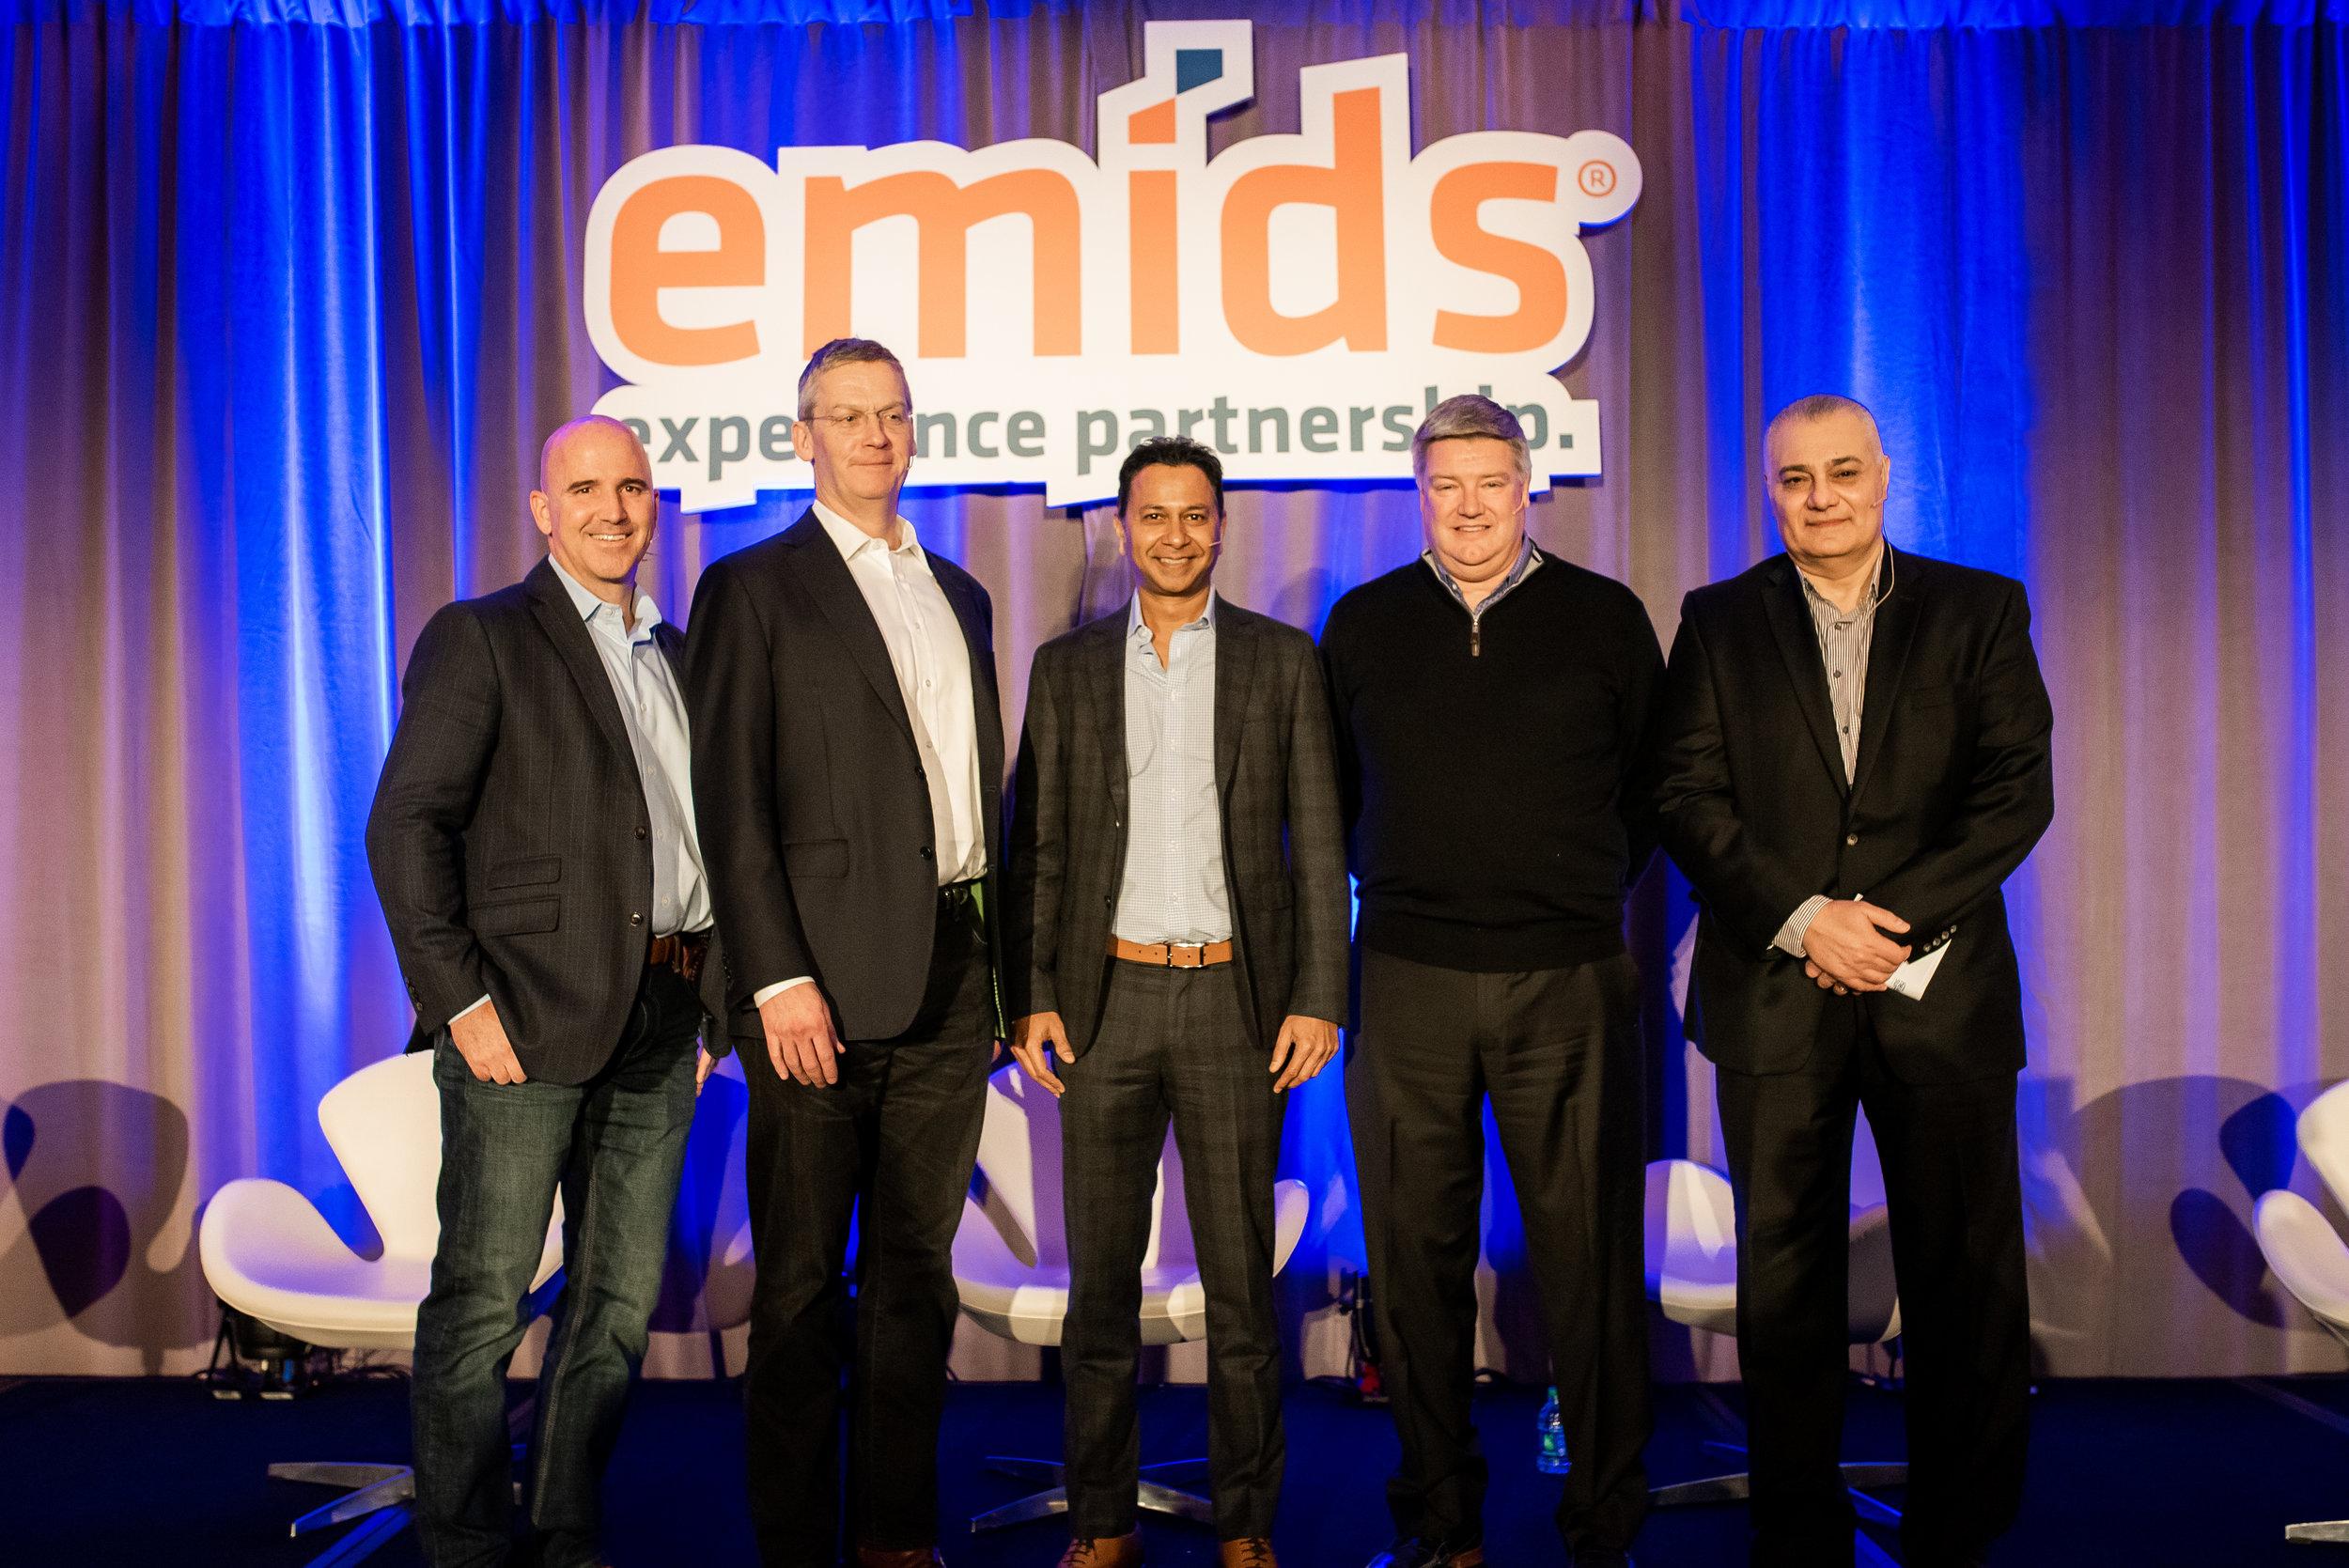 DetailsNashville-EMIDS-Summit18-283.jpg